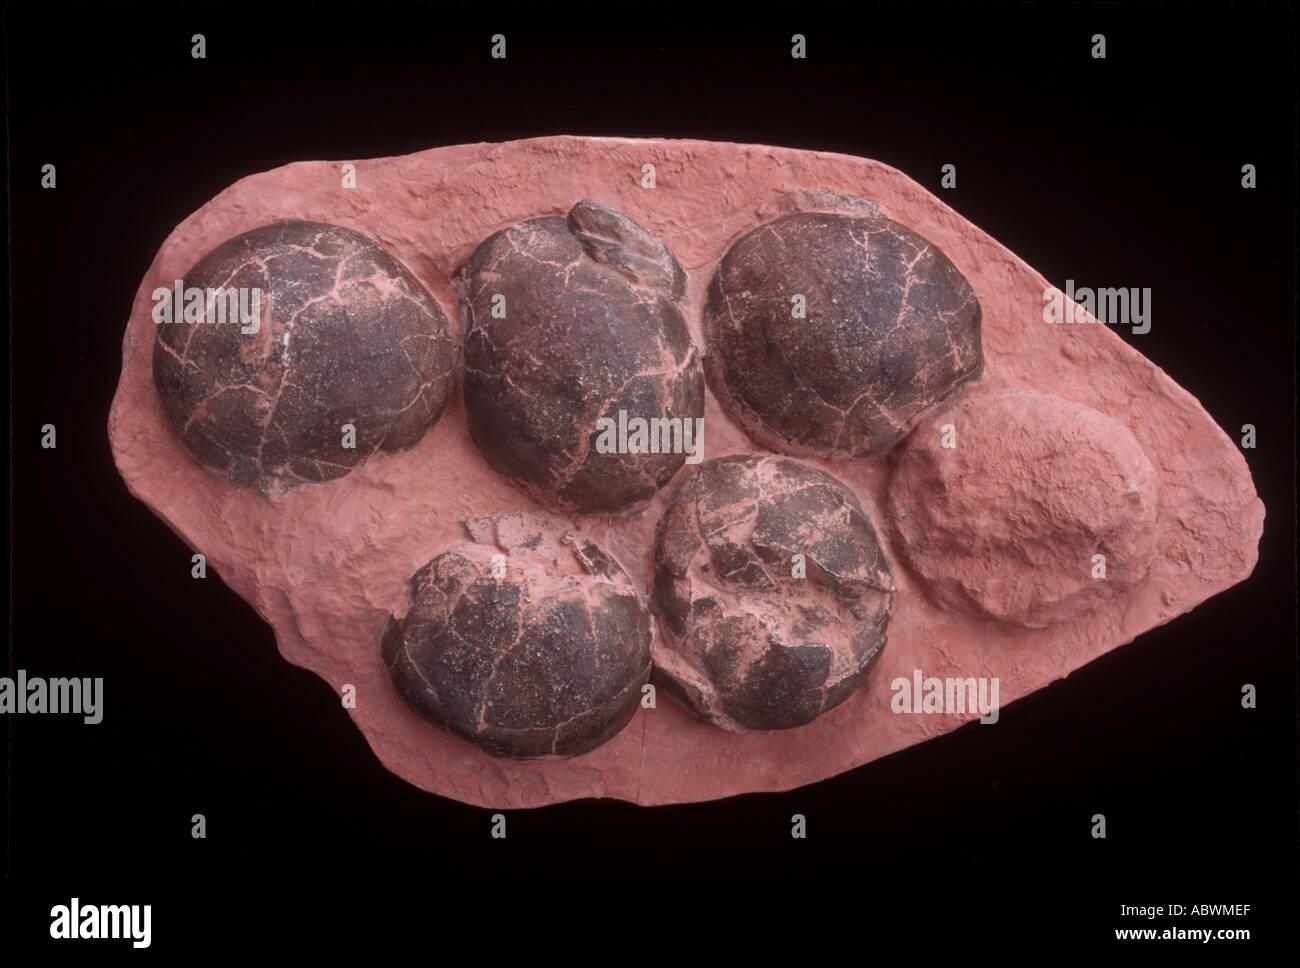 Nid avec 6 oeufs de dinosaures de Chine Banque D'Images